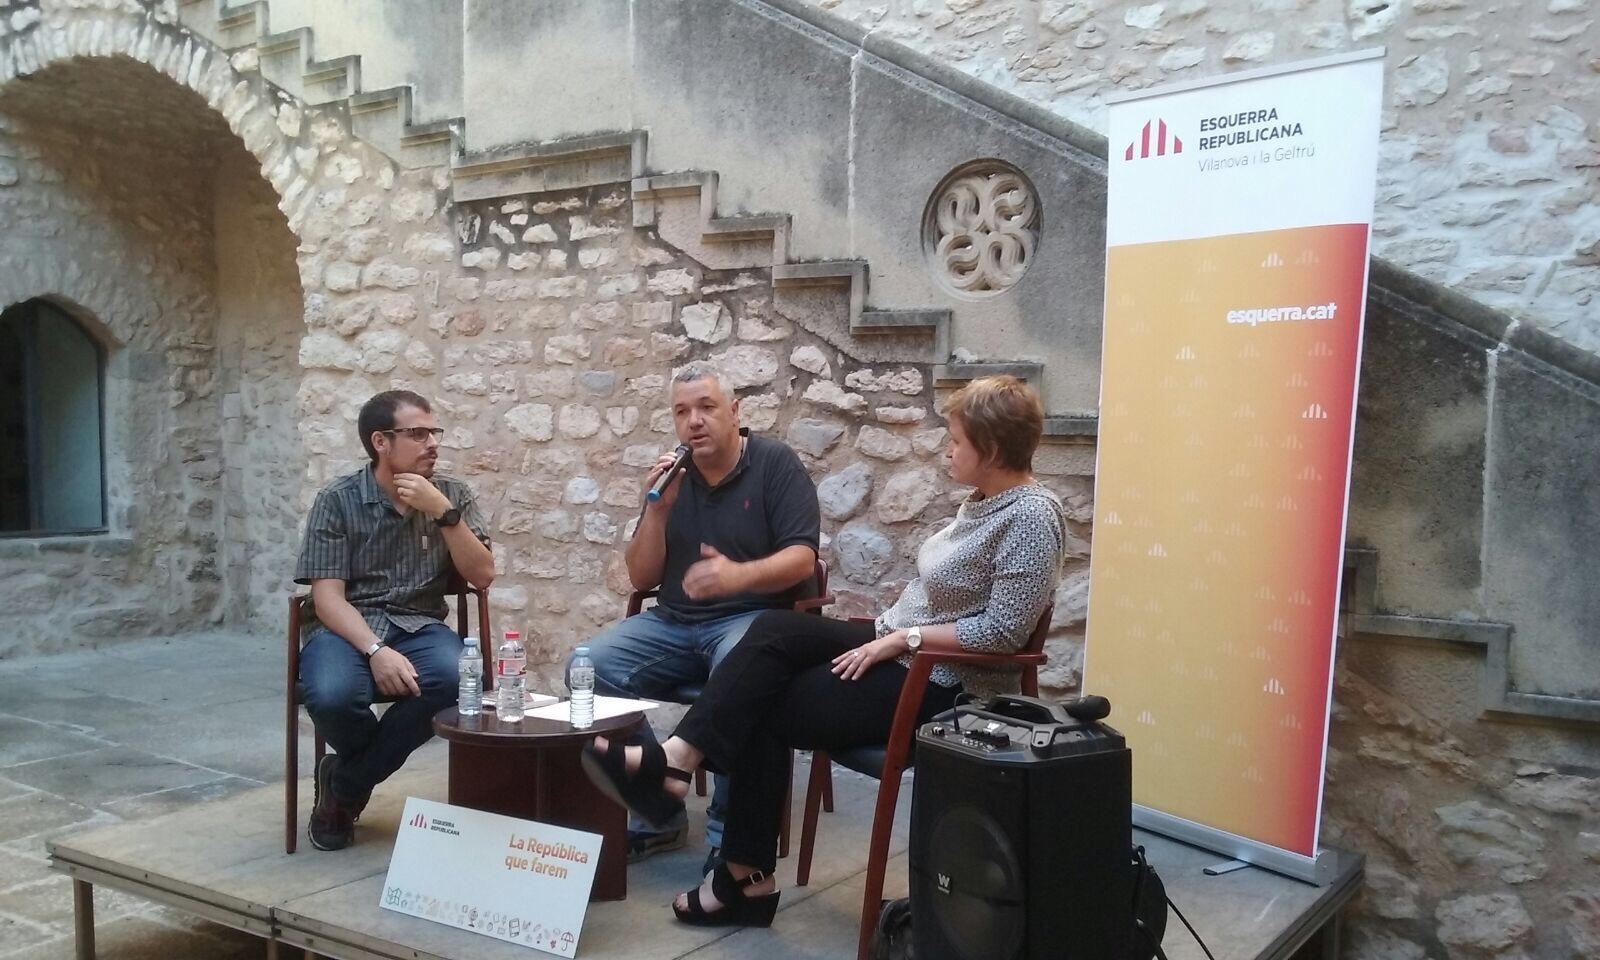 L'acte va comptar amb la participació d'Anna Simó i Rafa Homet